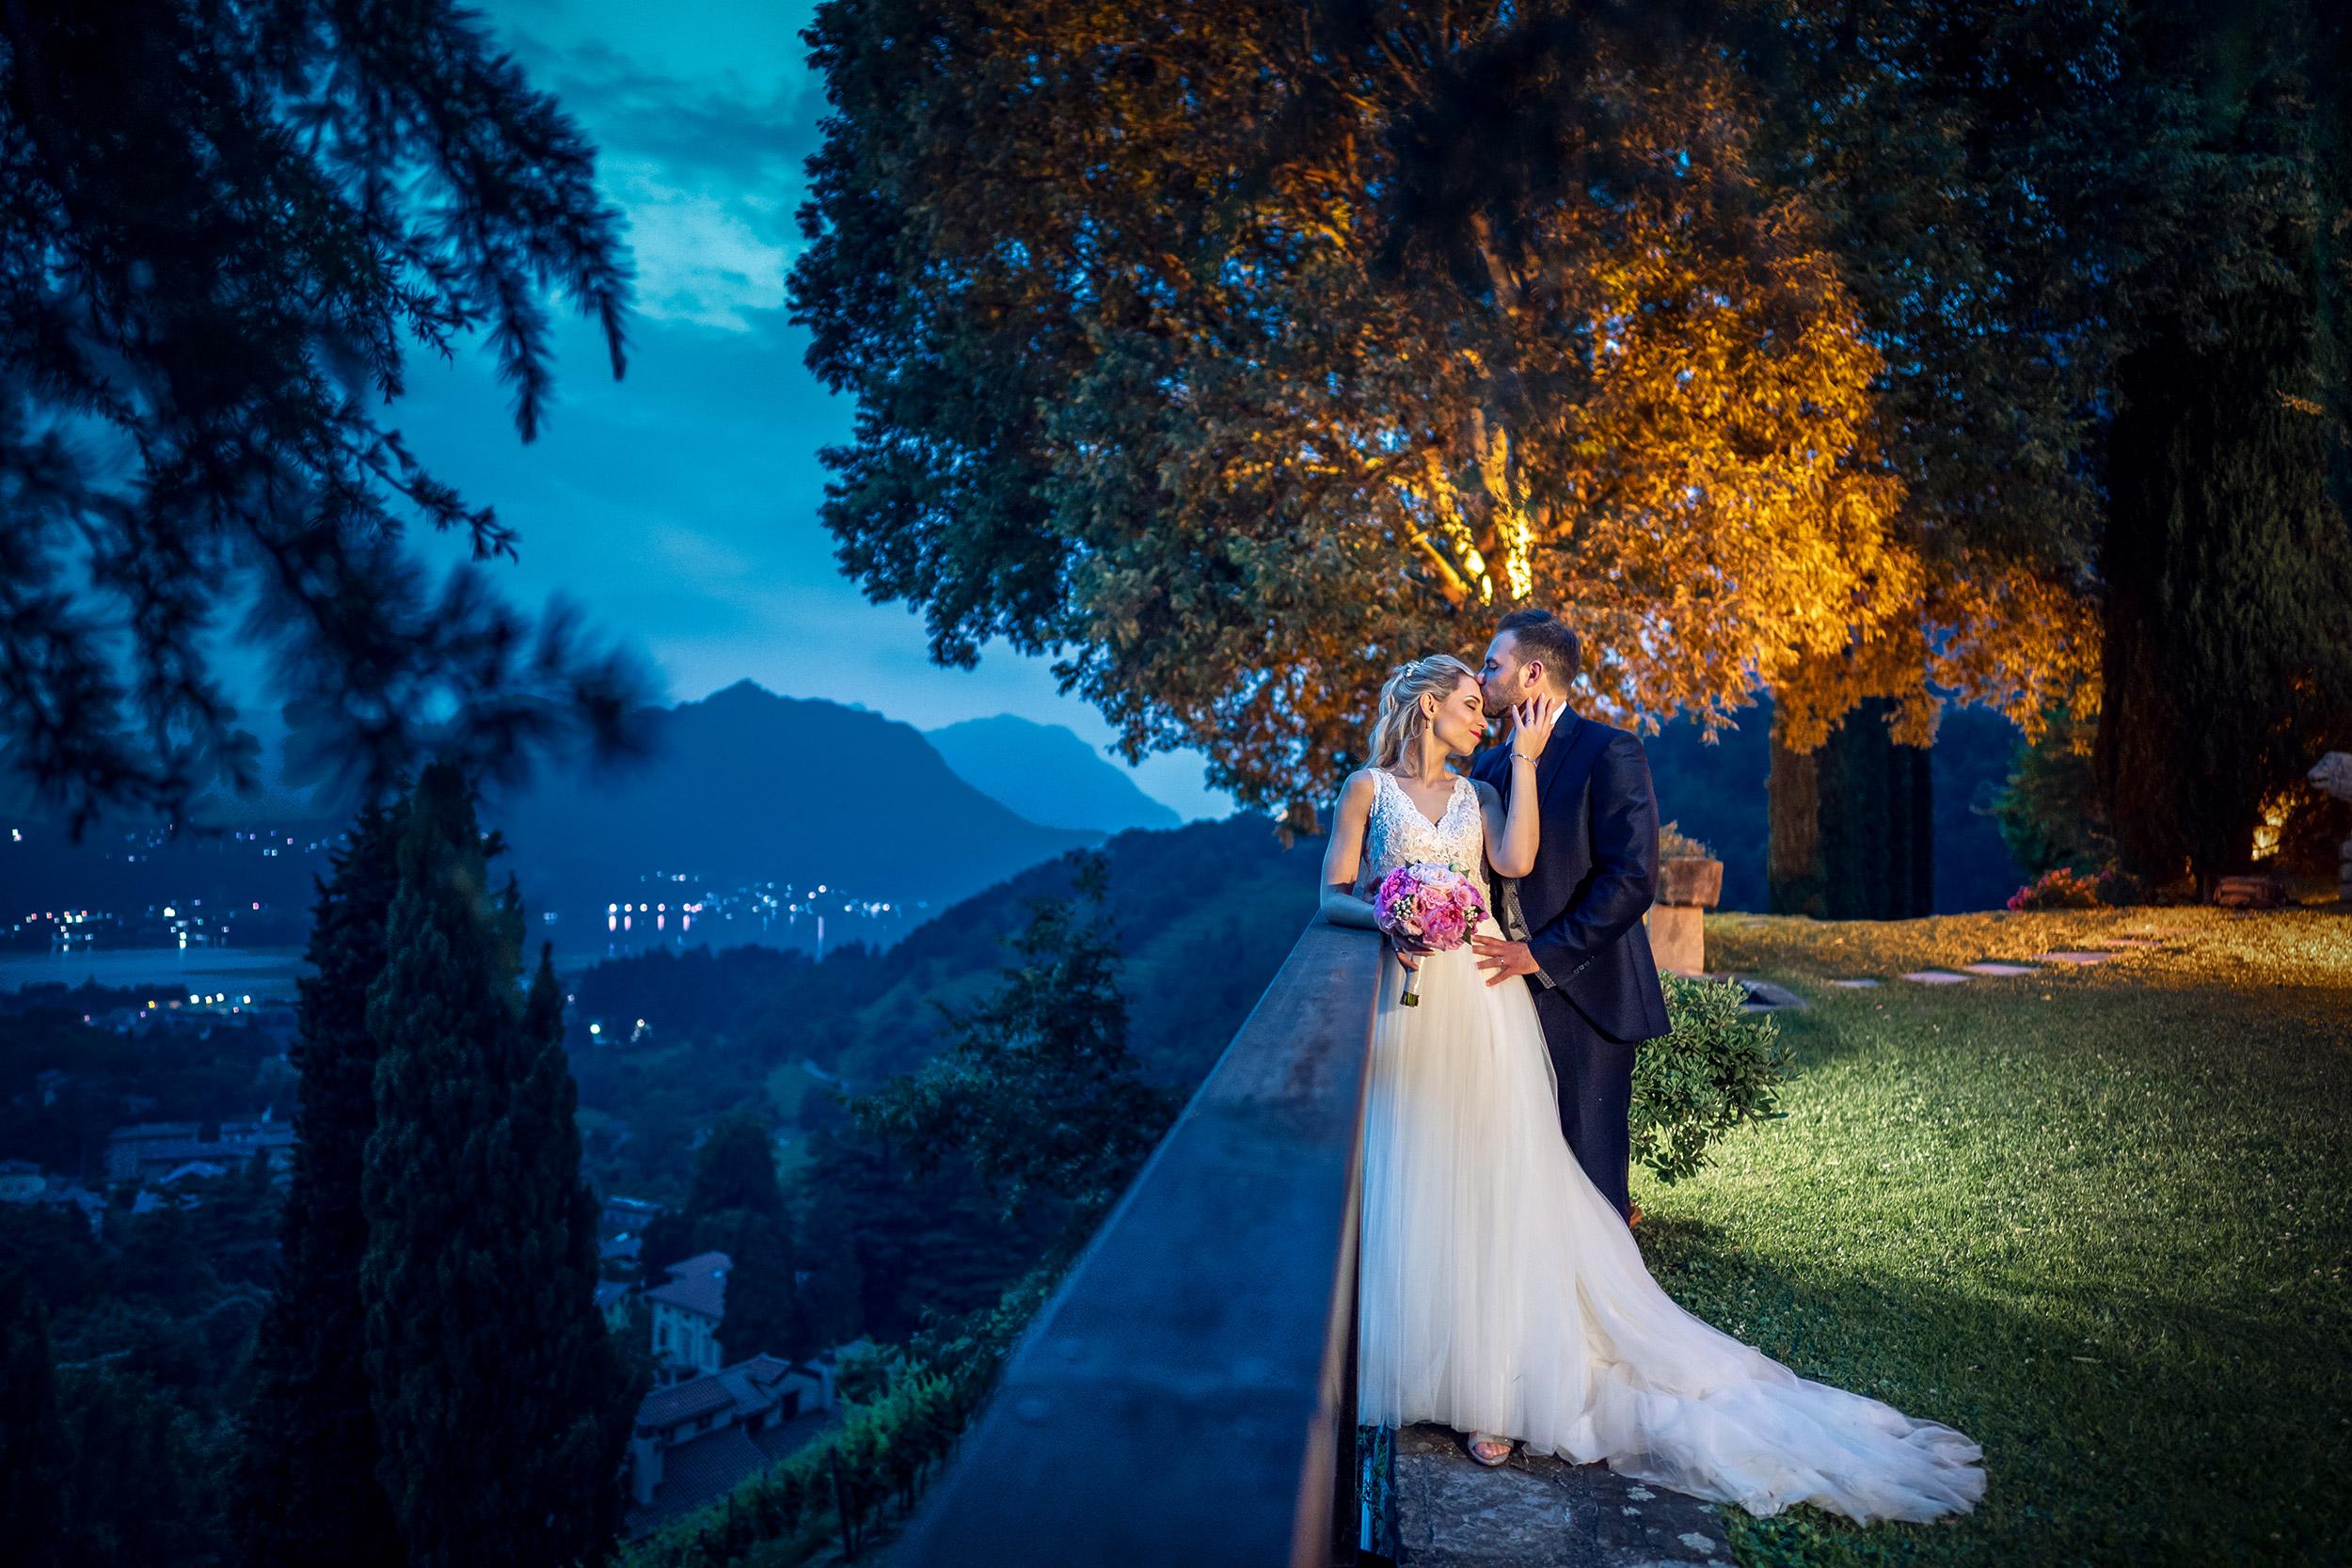 000 fotografo matrimonio reportage wedding sposi imbrunire bacio romantico castello rossino calolziocorte lago como lecco 1